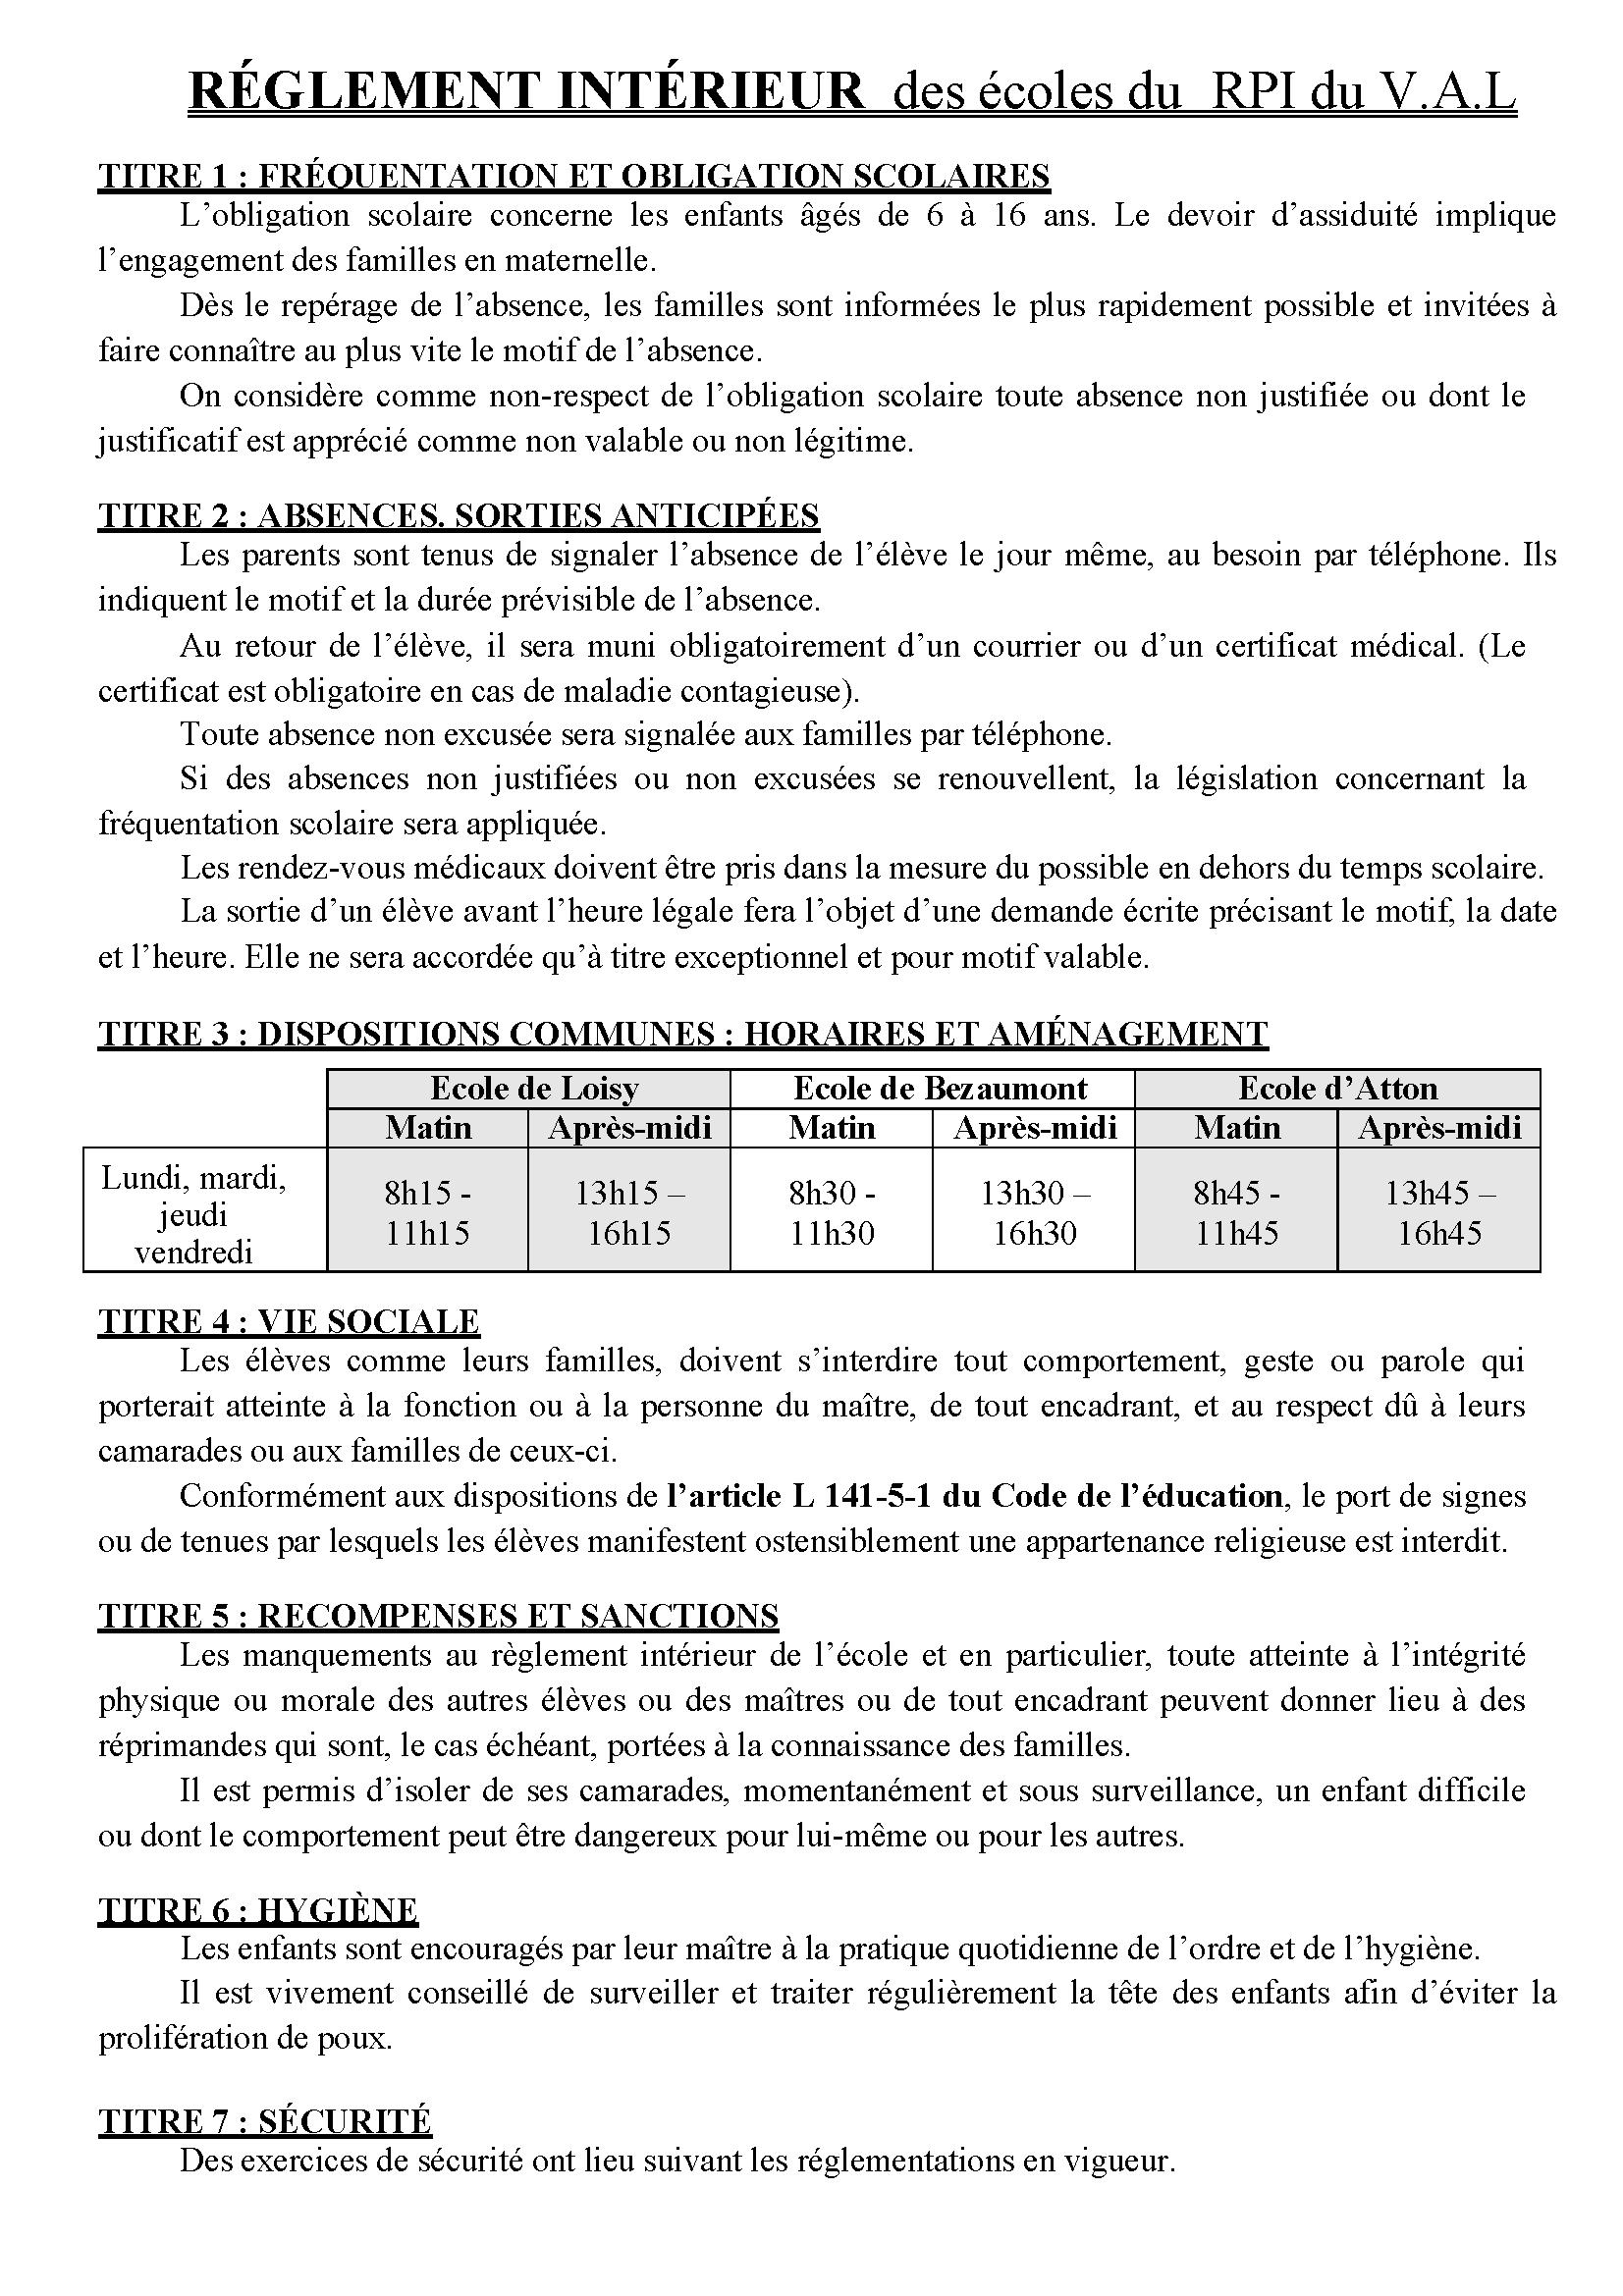 REGLEMENT ECOLE 06 11 15 _-1_Page_1